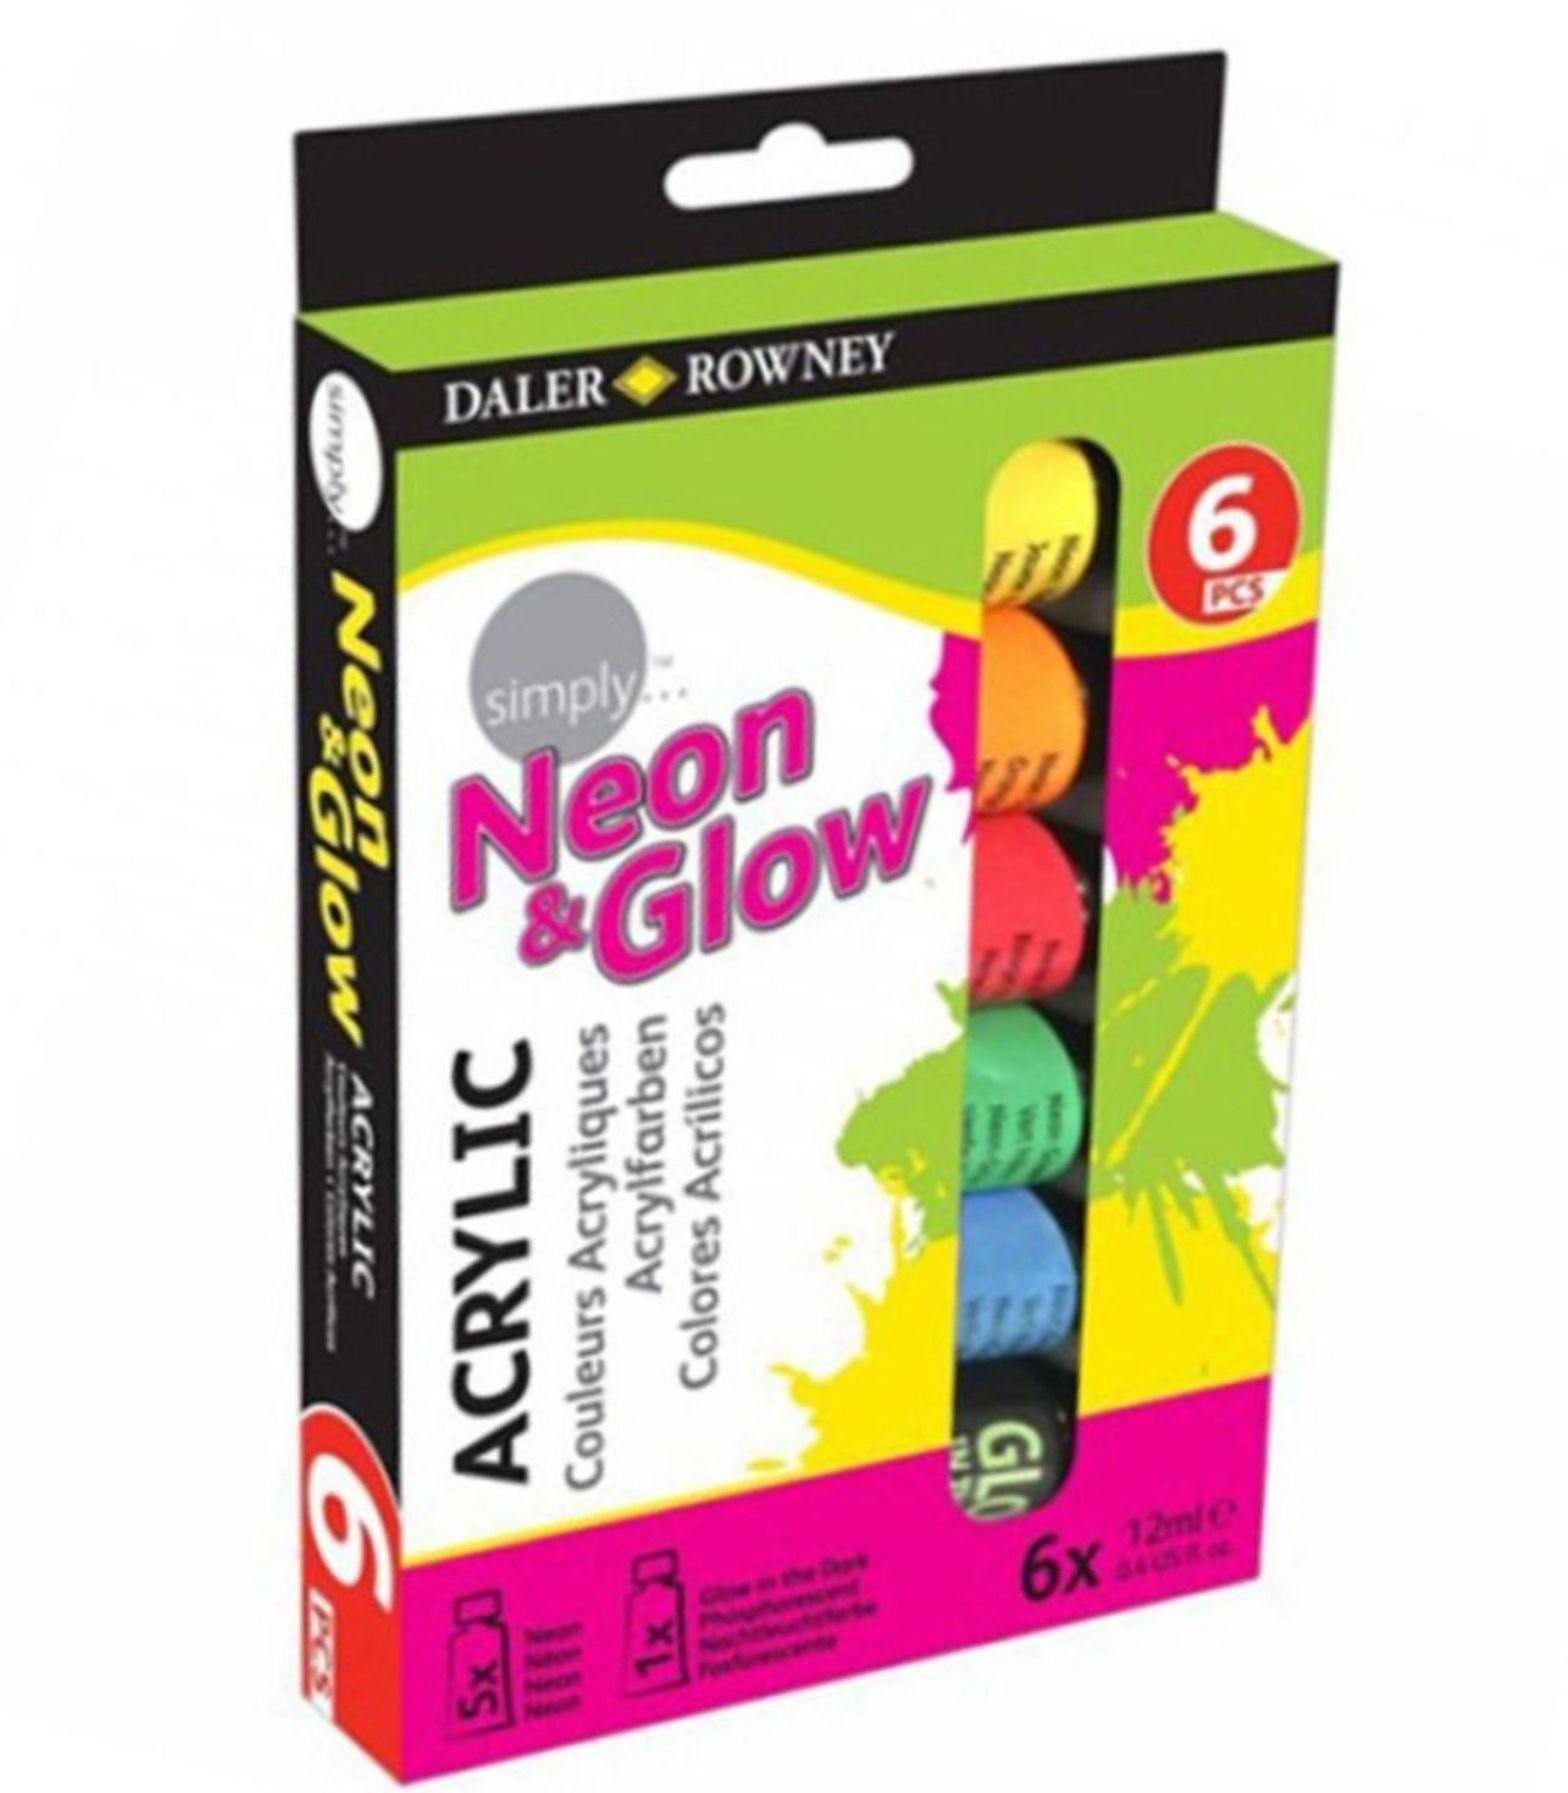 Daler Rowney Simply Neon Akrilik Boya 6x12ml